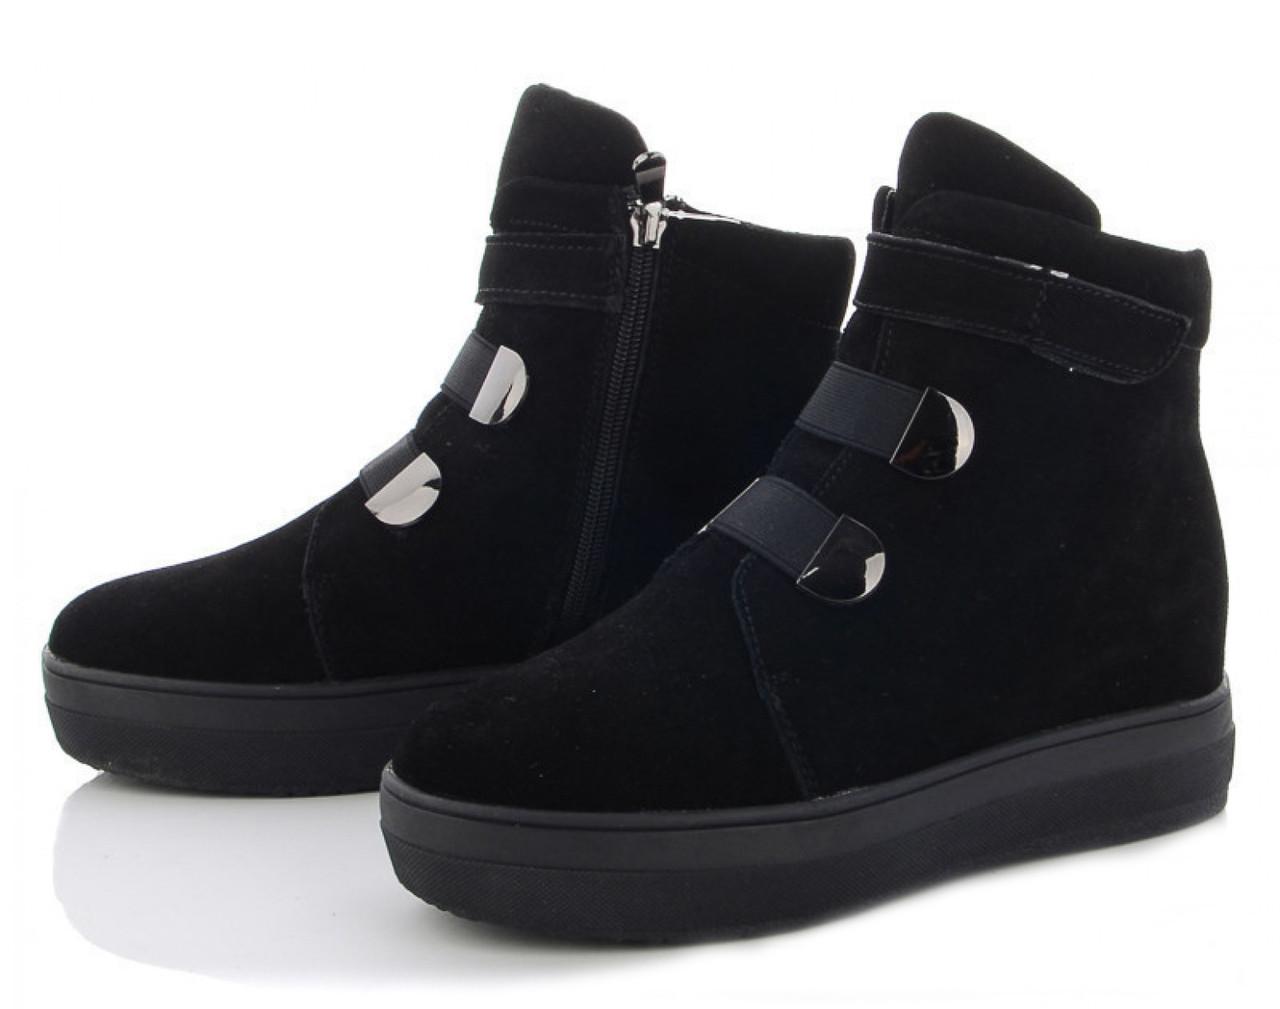 Жіночі зимові черевики BR-S натуральна замша чорні 38 р. - 24,5 см 1258098154